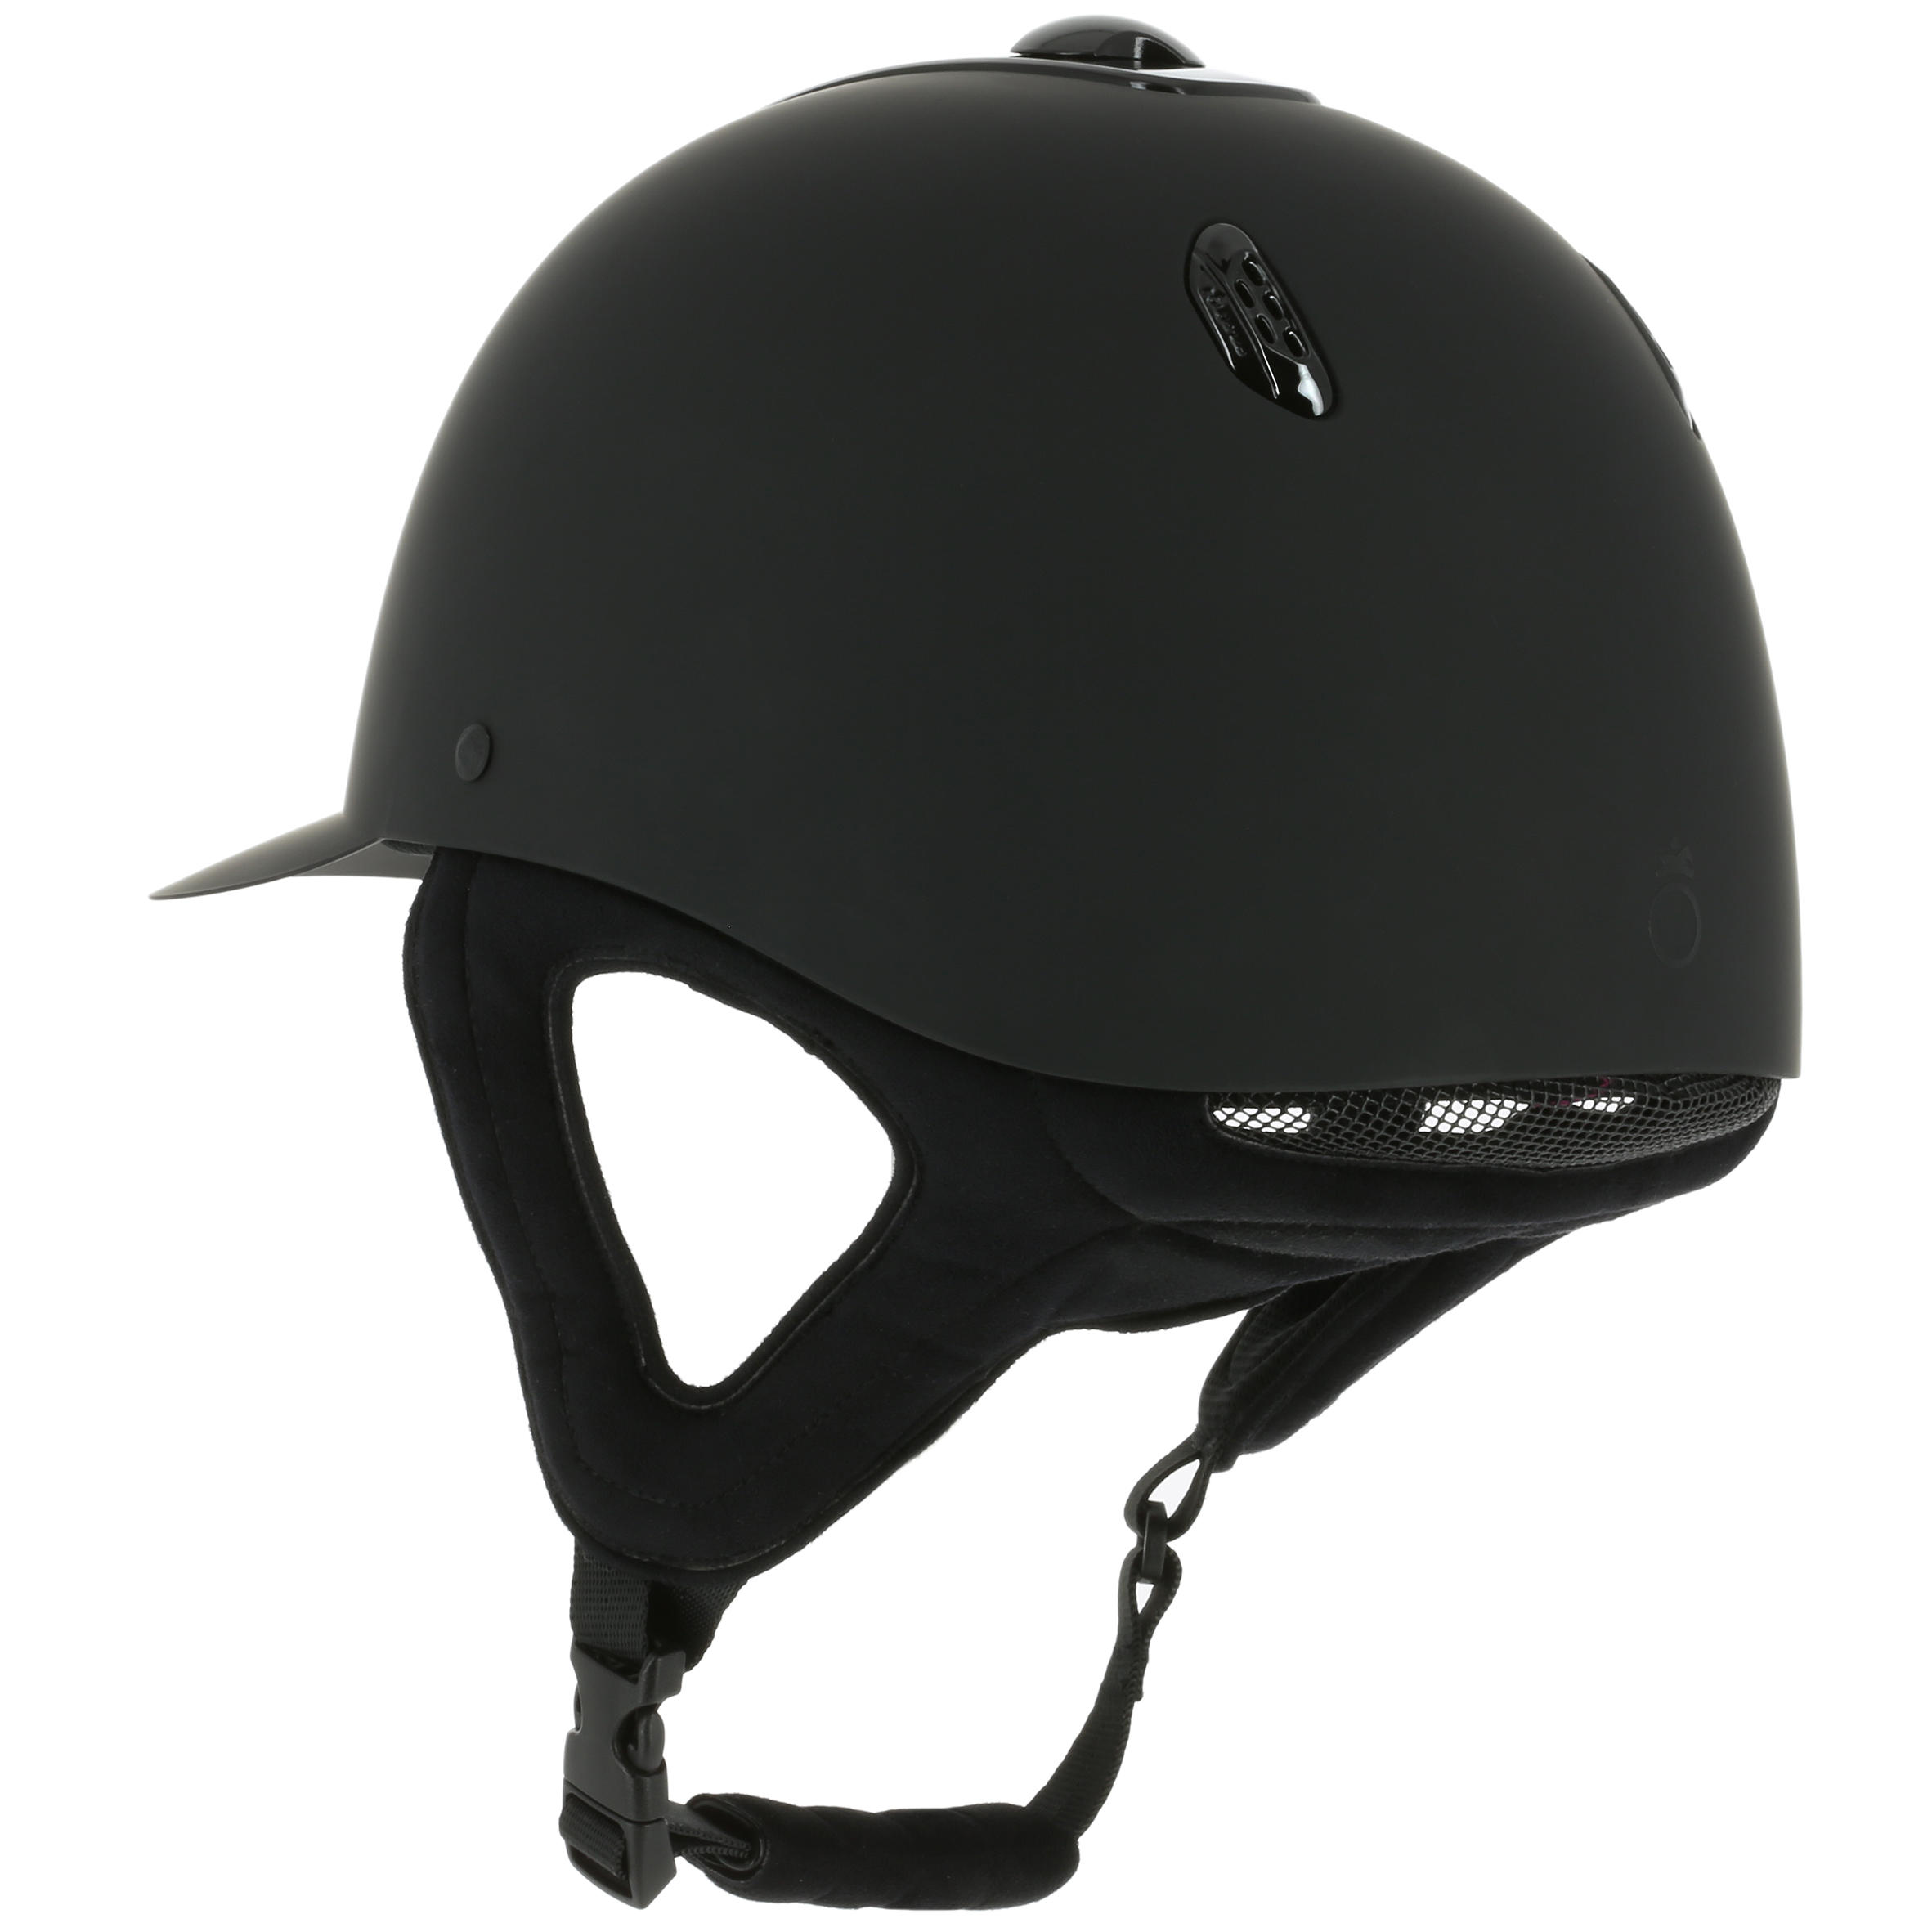 C700 Horseback Riding Helmet - Matte Black